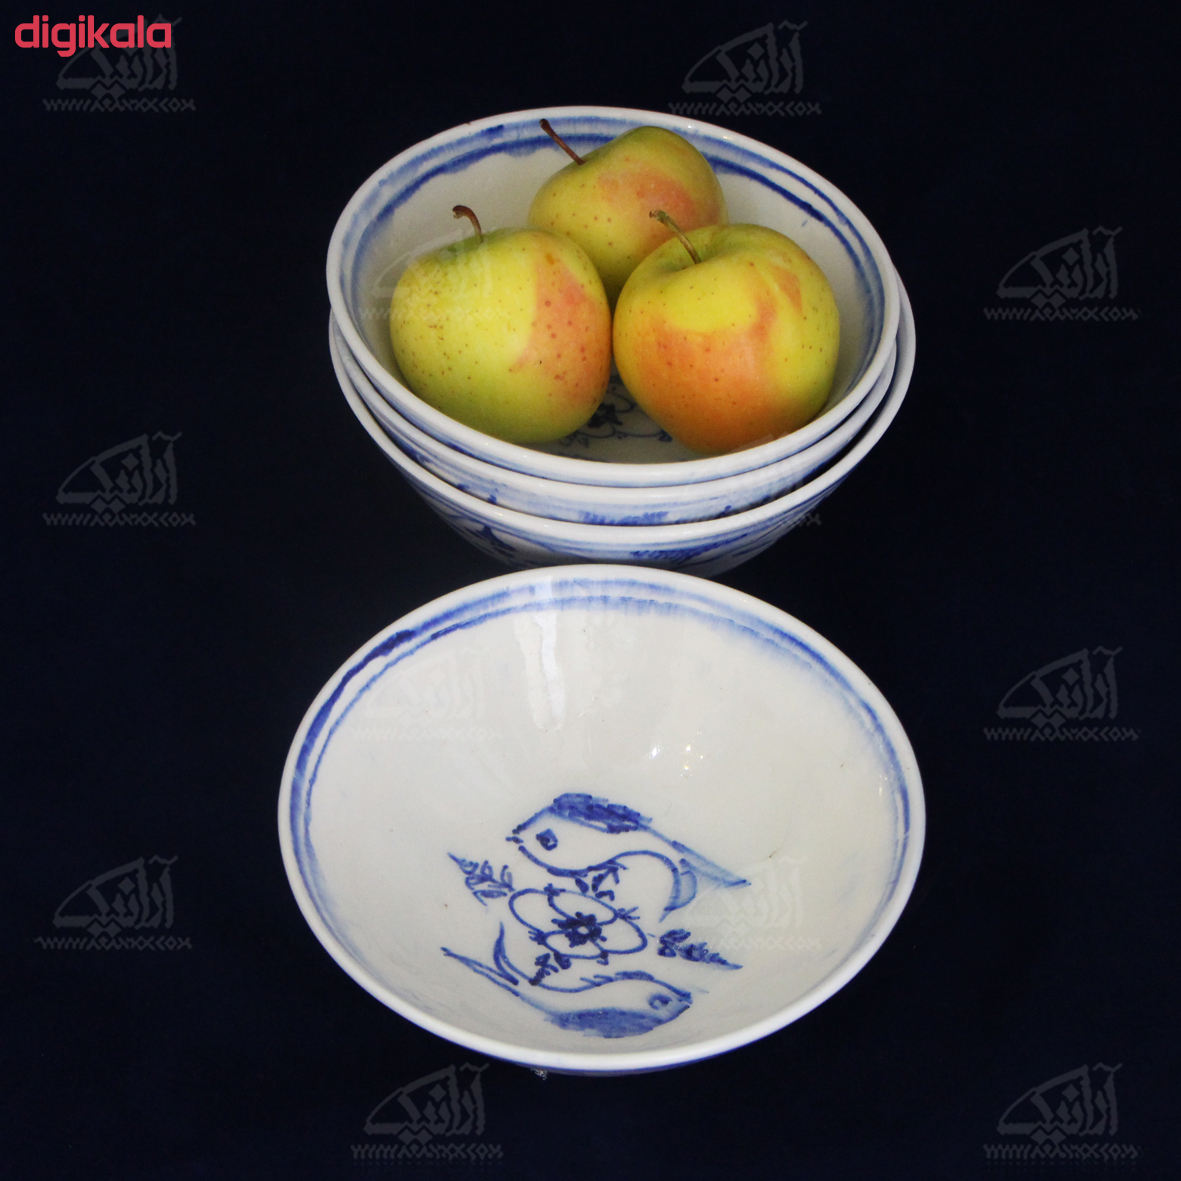 کاسه بشقاب سفالی نقاشی زیر لعابی    رنگ سفید  طرح ماهی  مدل 1003700008 main 1 9